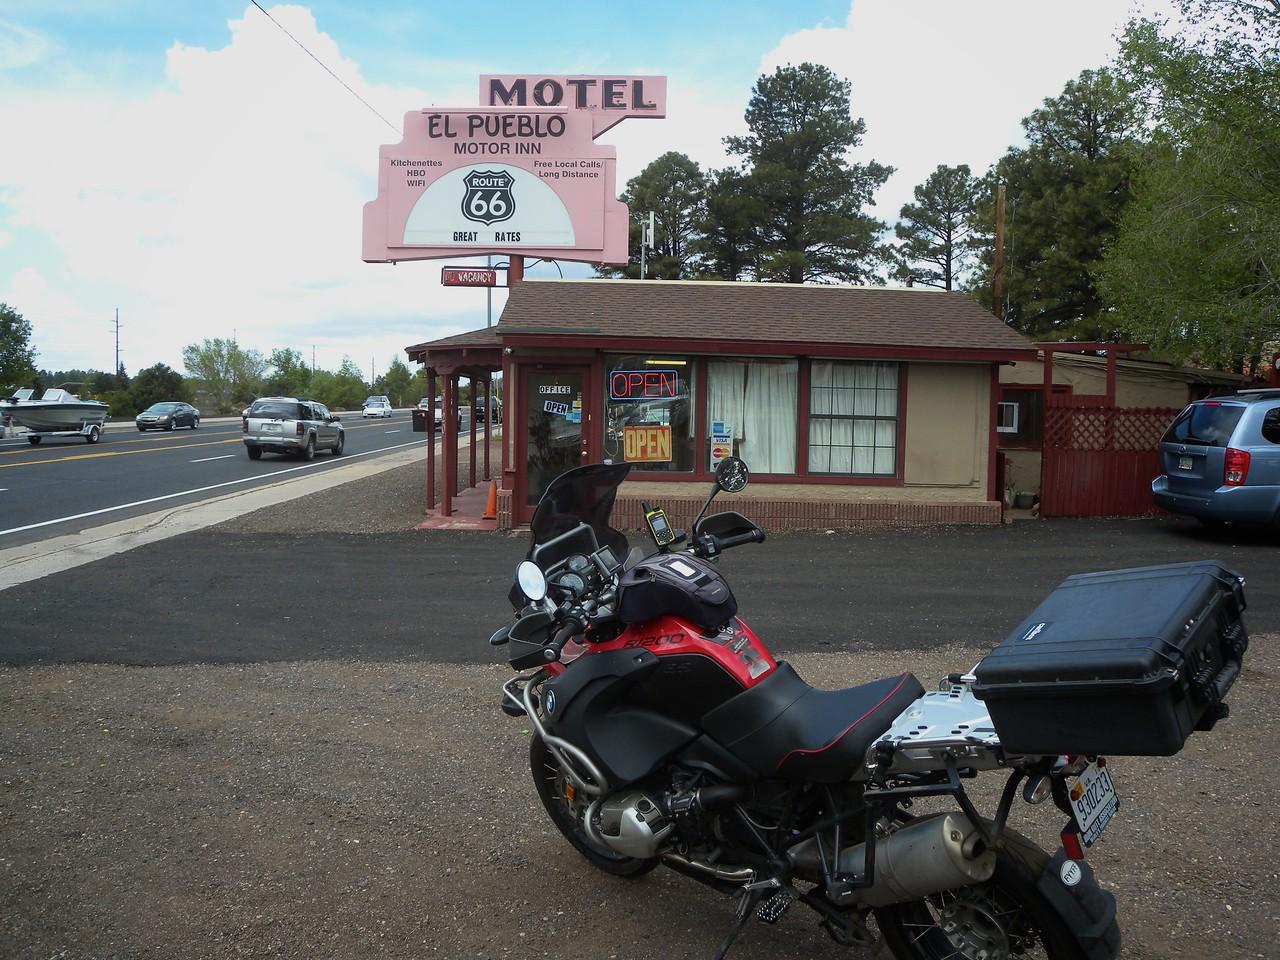 El Pueblo Motel, Route 66, Flagstaff, AZ